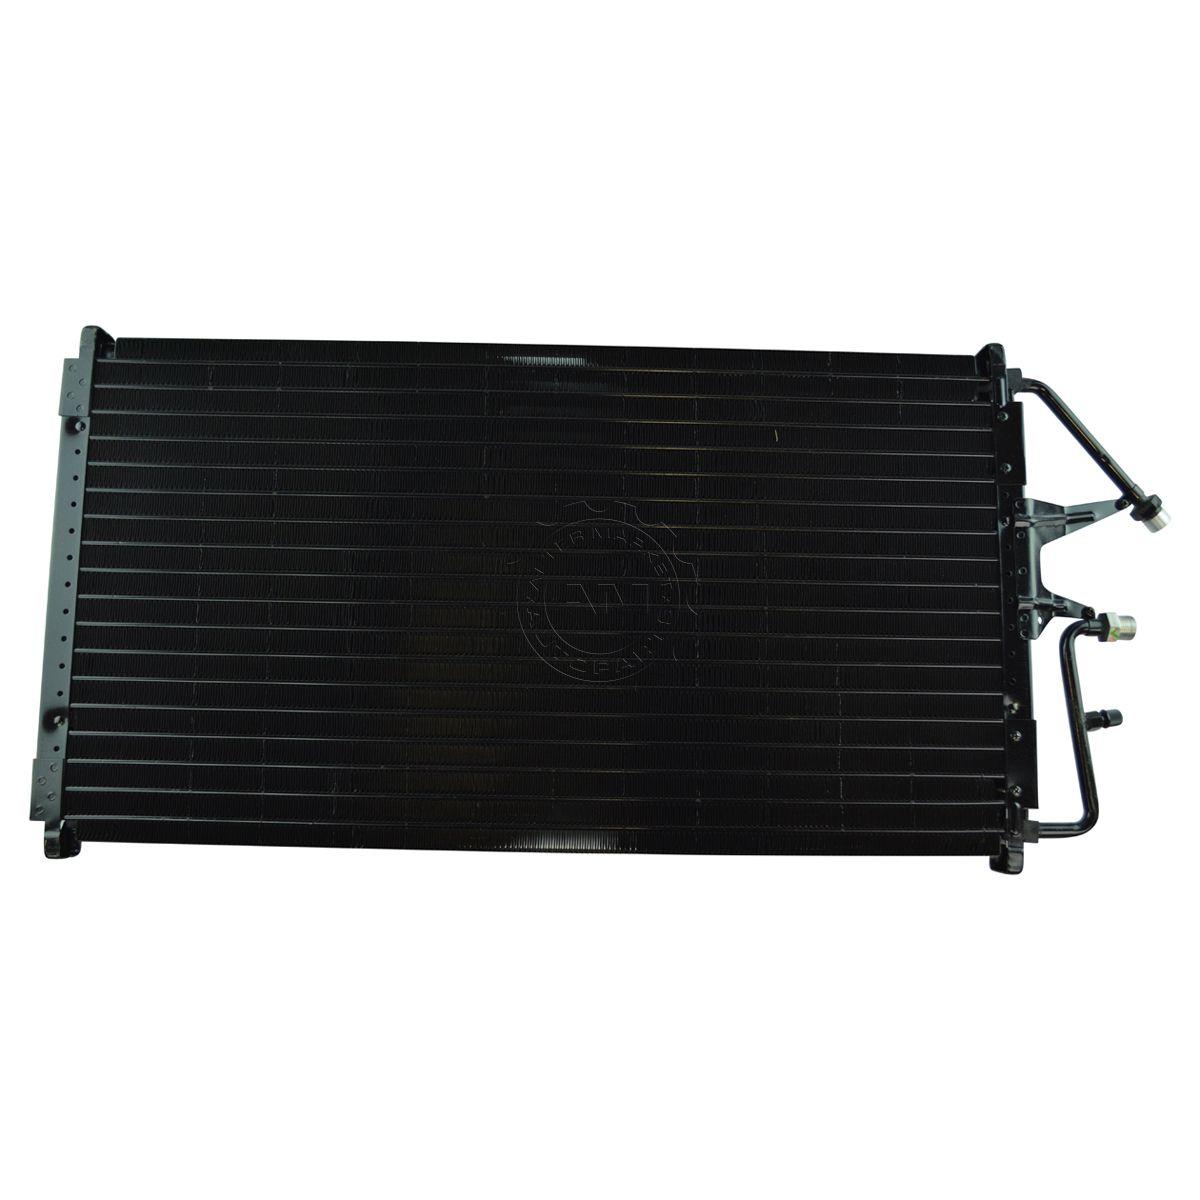 A//C AC Condenser For Chevrolet C2500 GMC C2500 4544